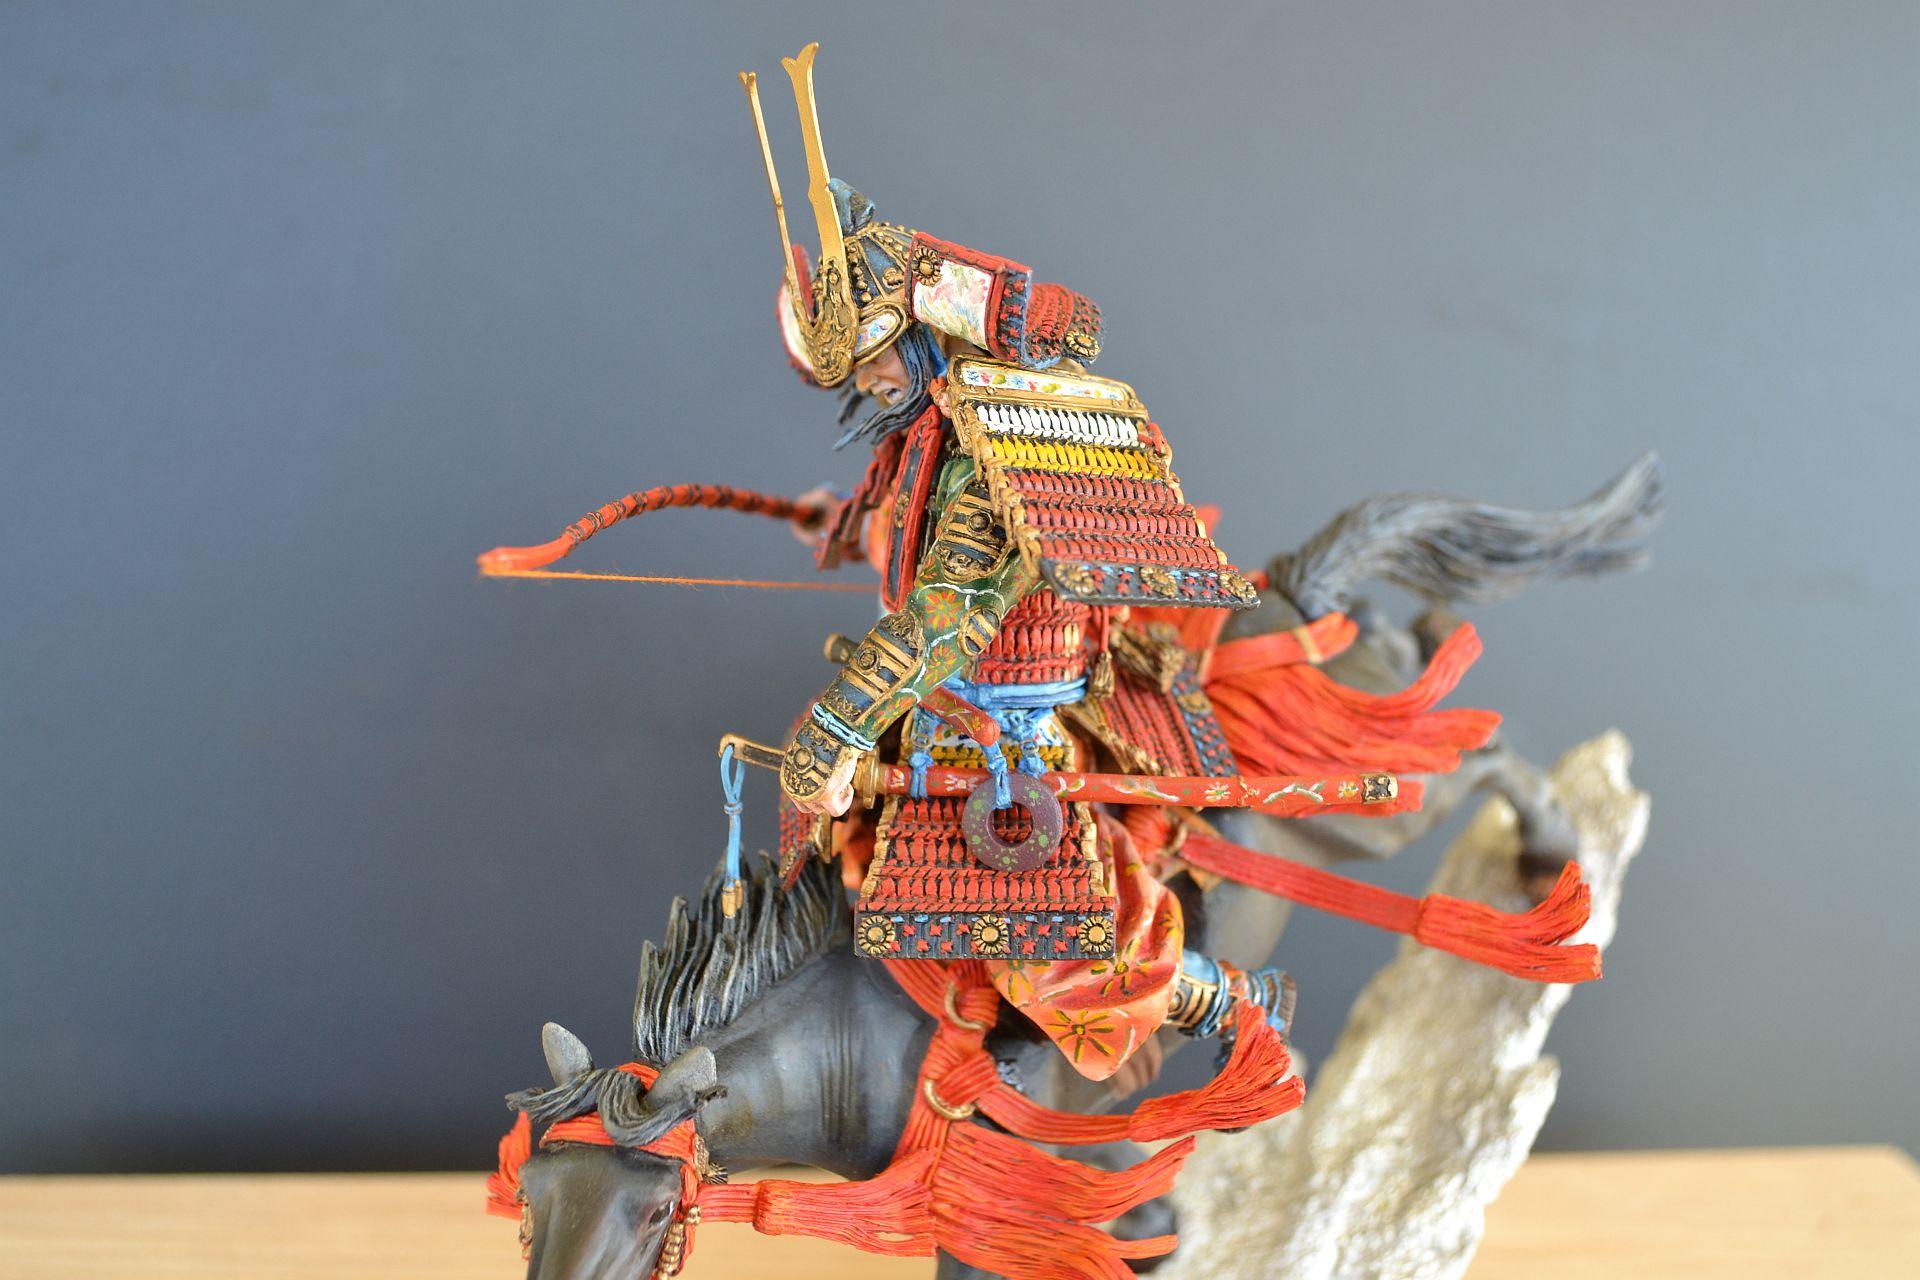 figurine pegaso - samouraï 90 mm - Page 3 160814111617511162